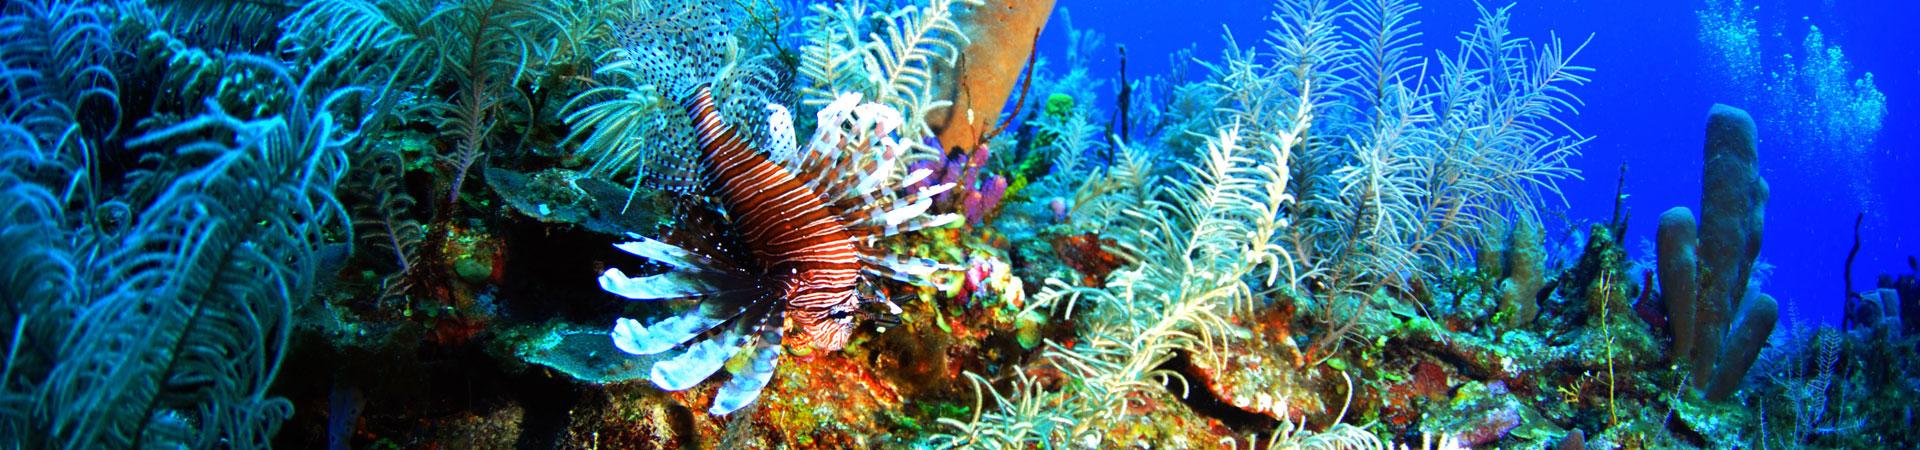 esponjas, corales y plumas de mar en el arrecife de mahahual